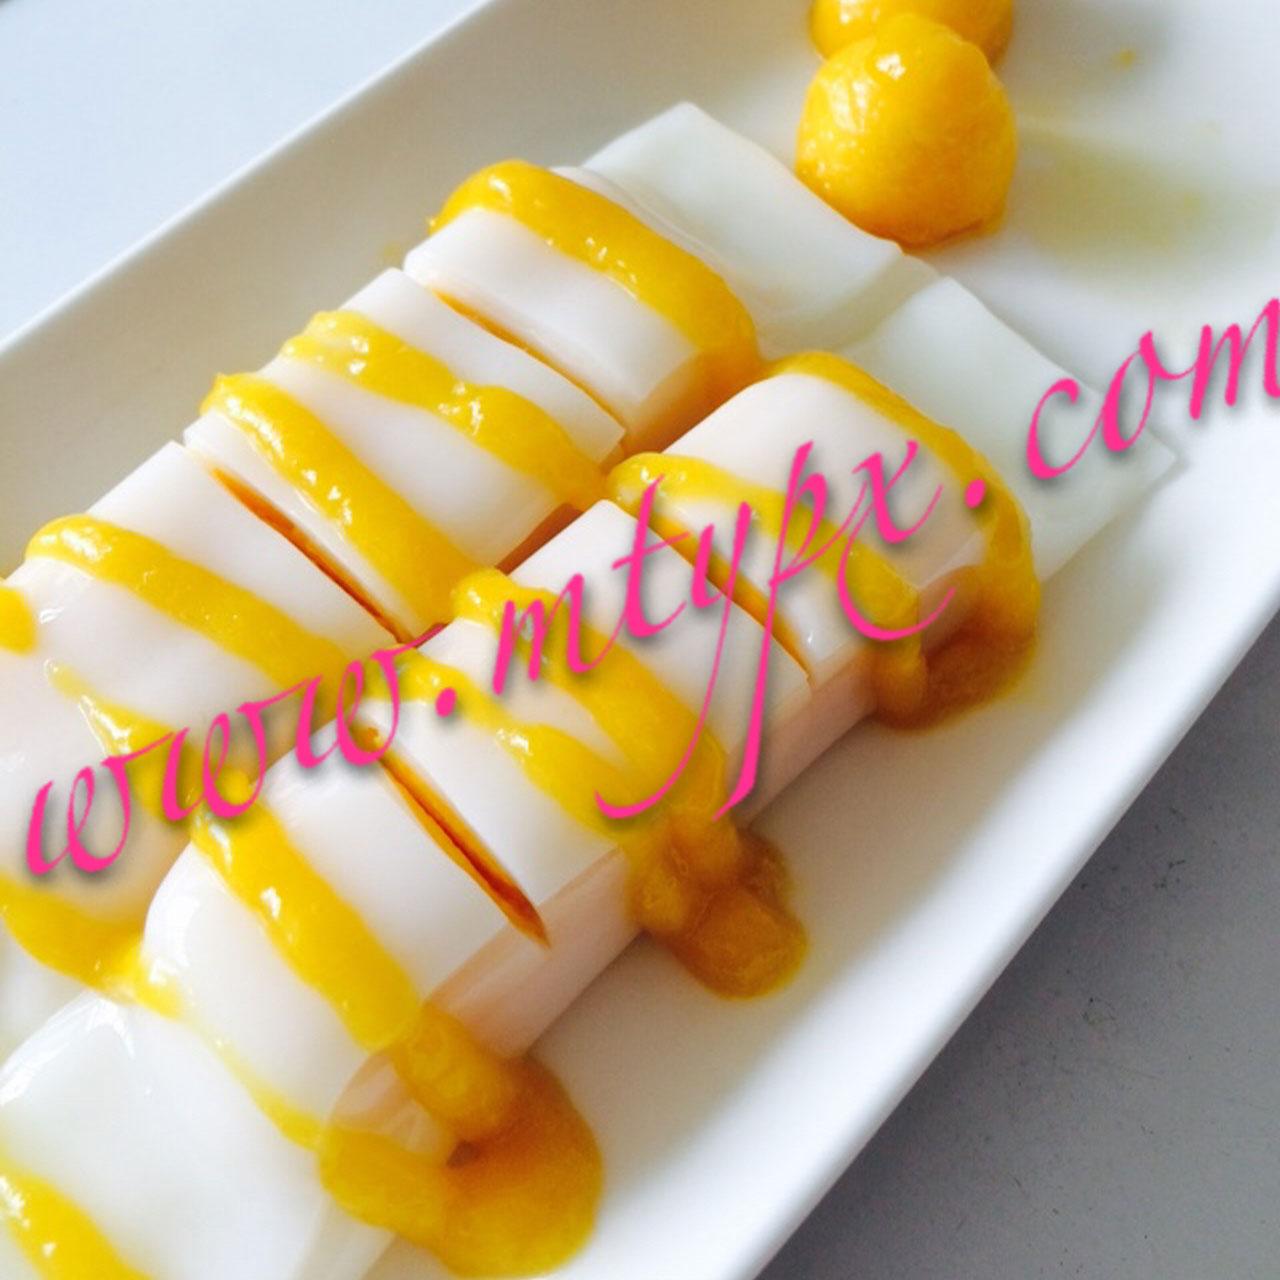 港式甜品3.jpg